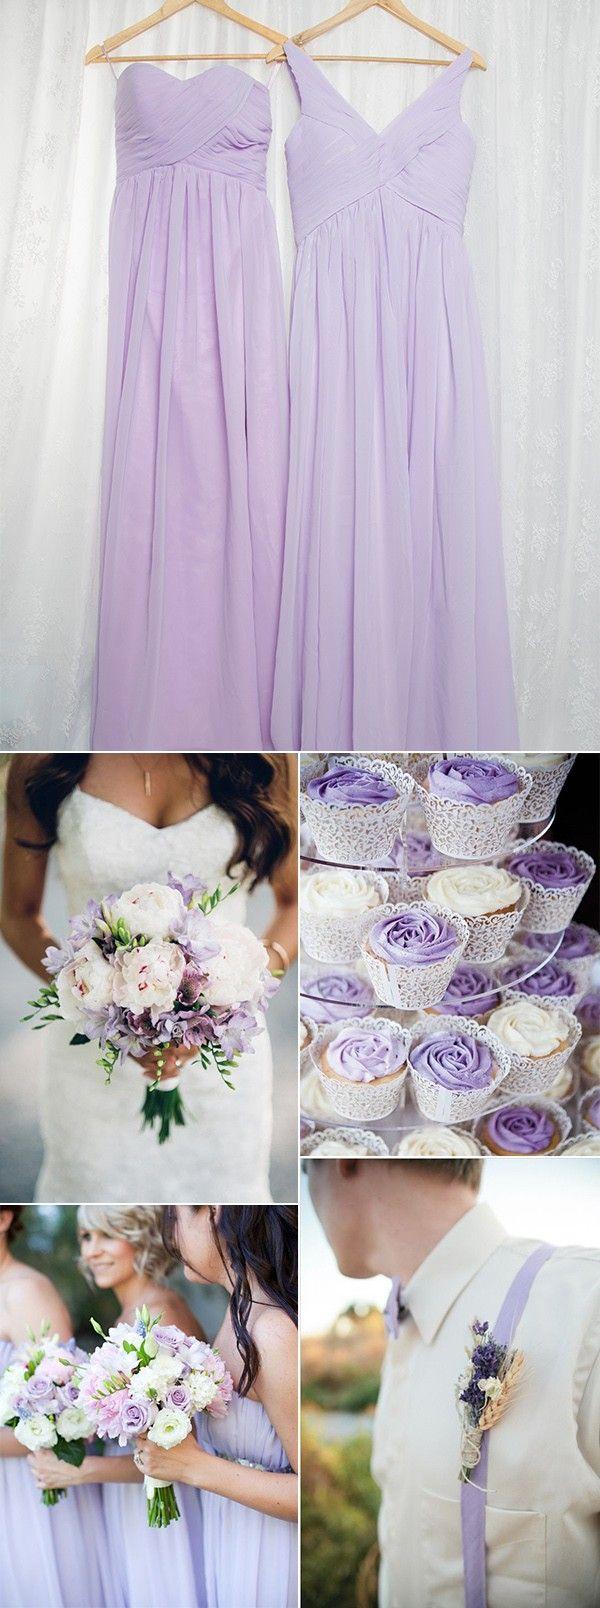 light purple lavender bridesmaid dresses and wedding ideas